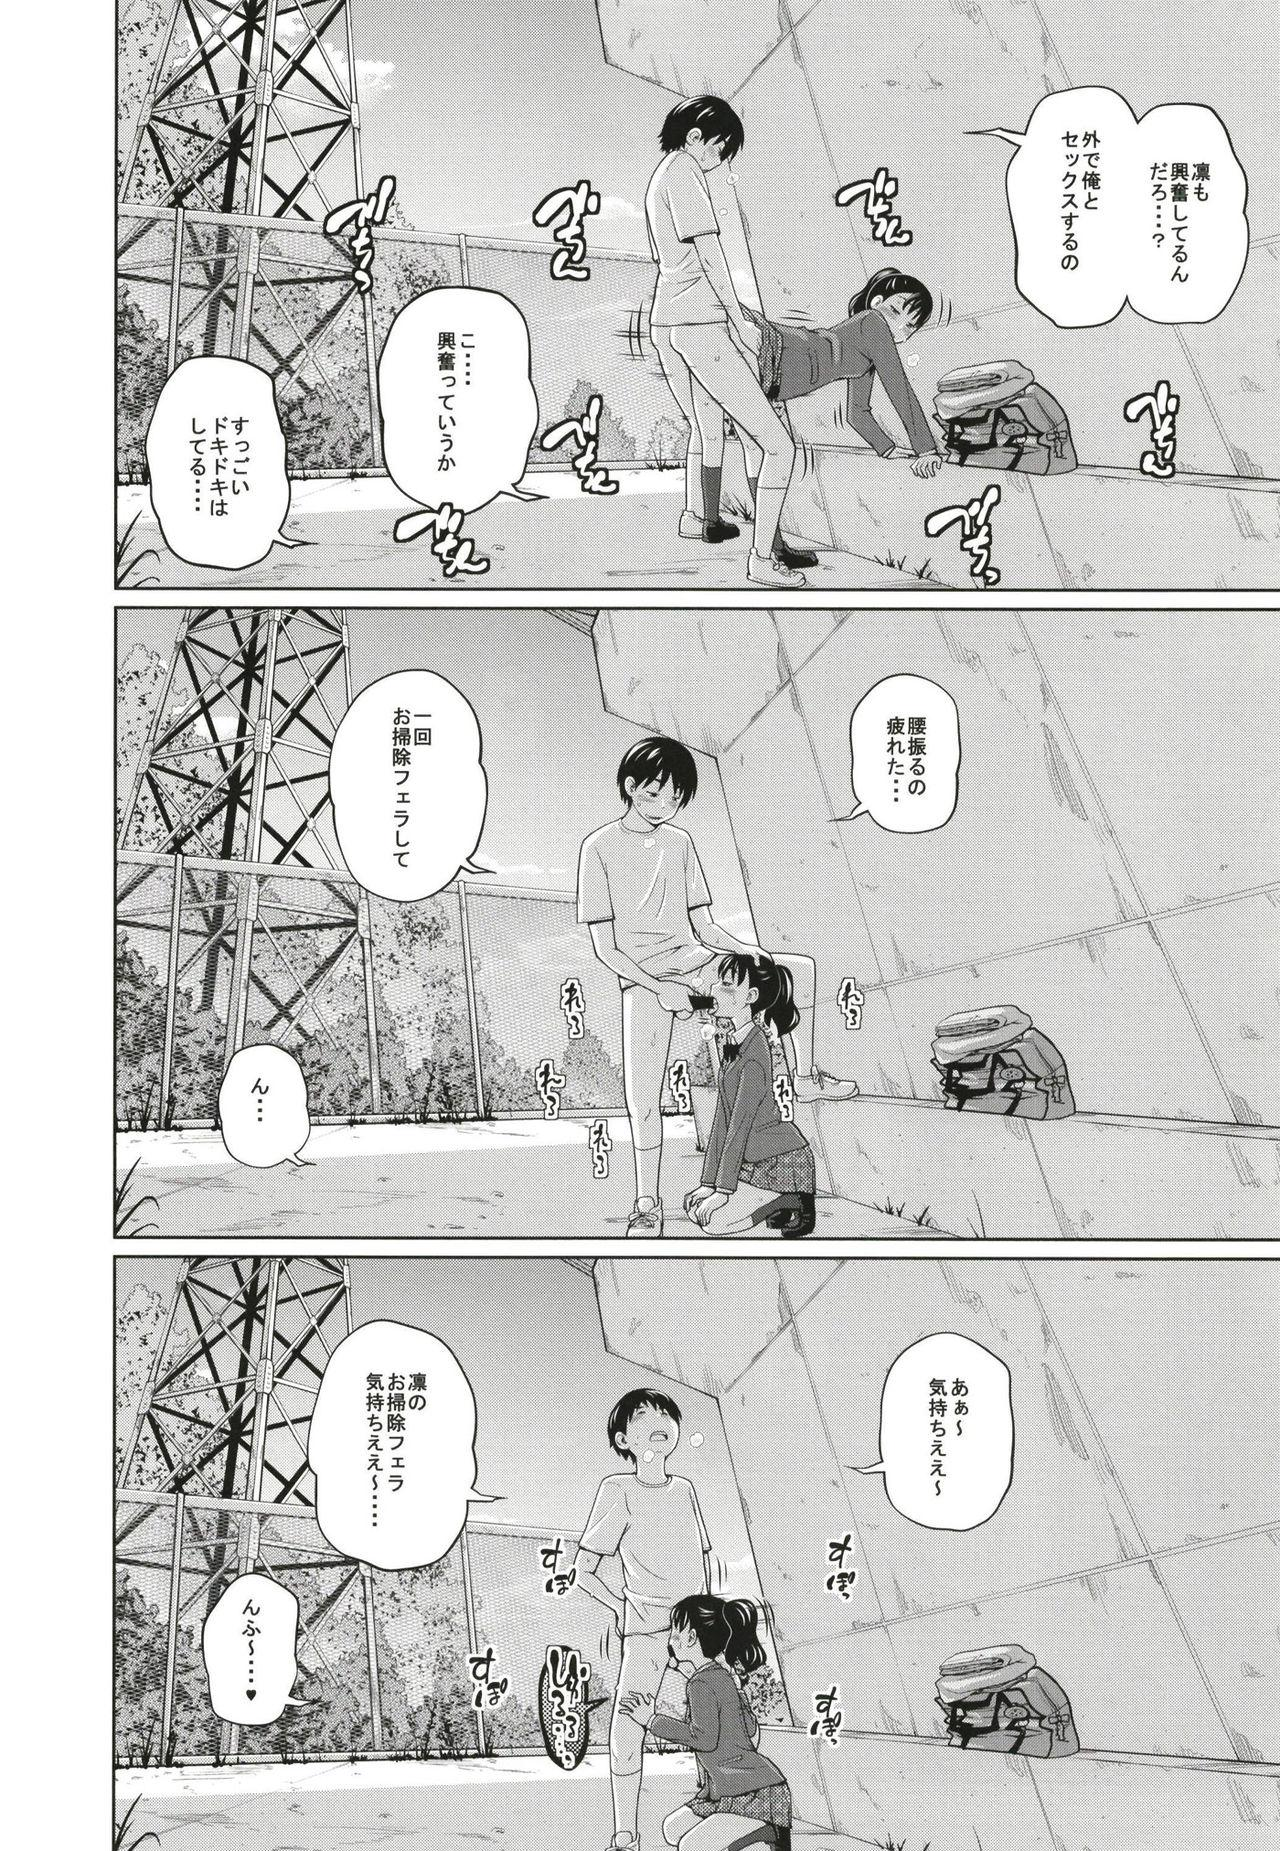 Kono Naka ni Kinshin Soukan Shiteiru Musume ga 3-nin Imasu #3 23